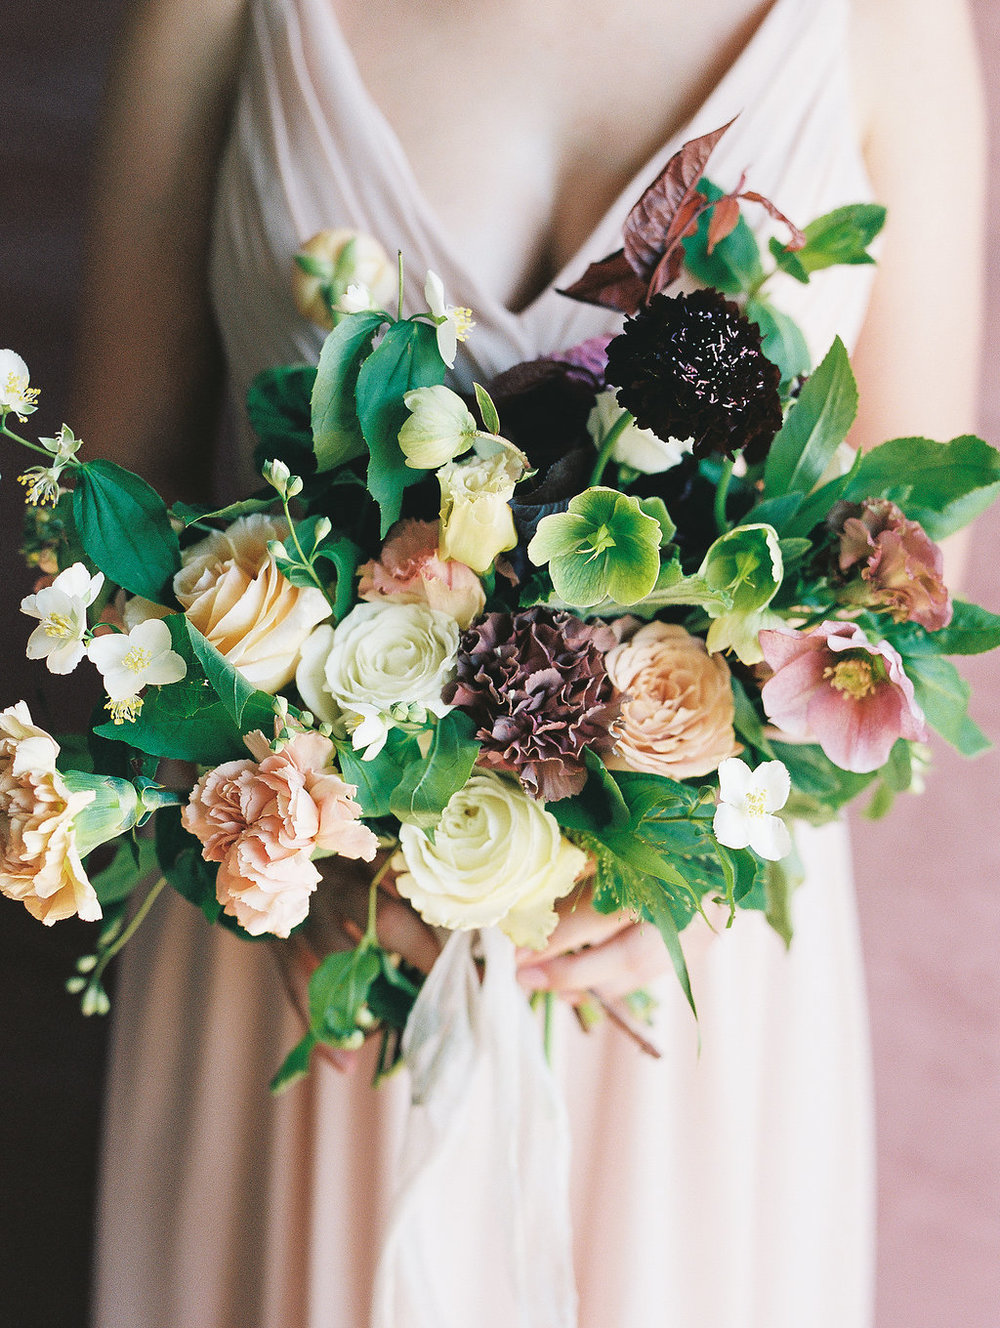 jessica-zimmerman-bridesmaid-bouquet-spring.jpg